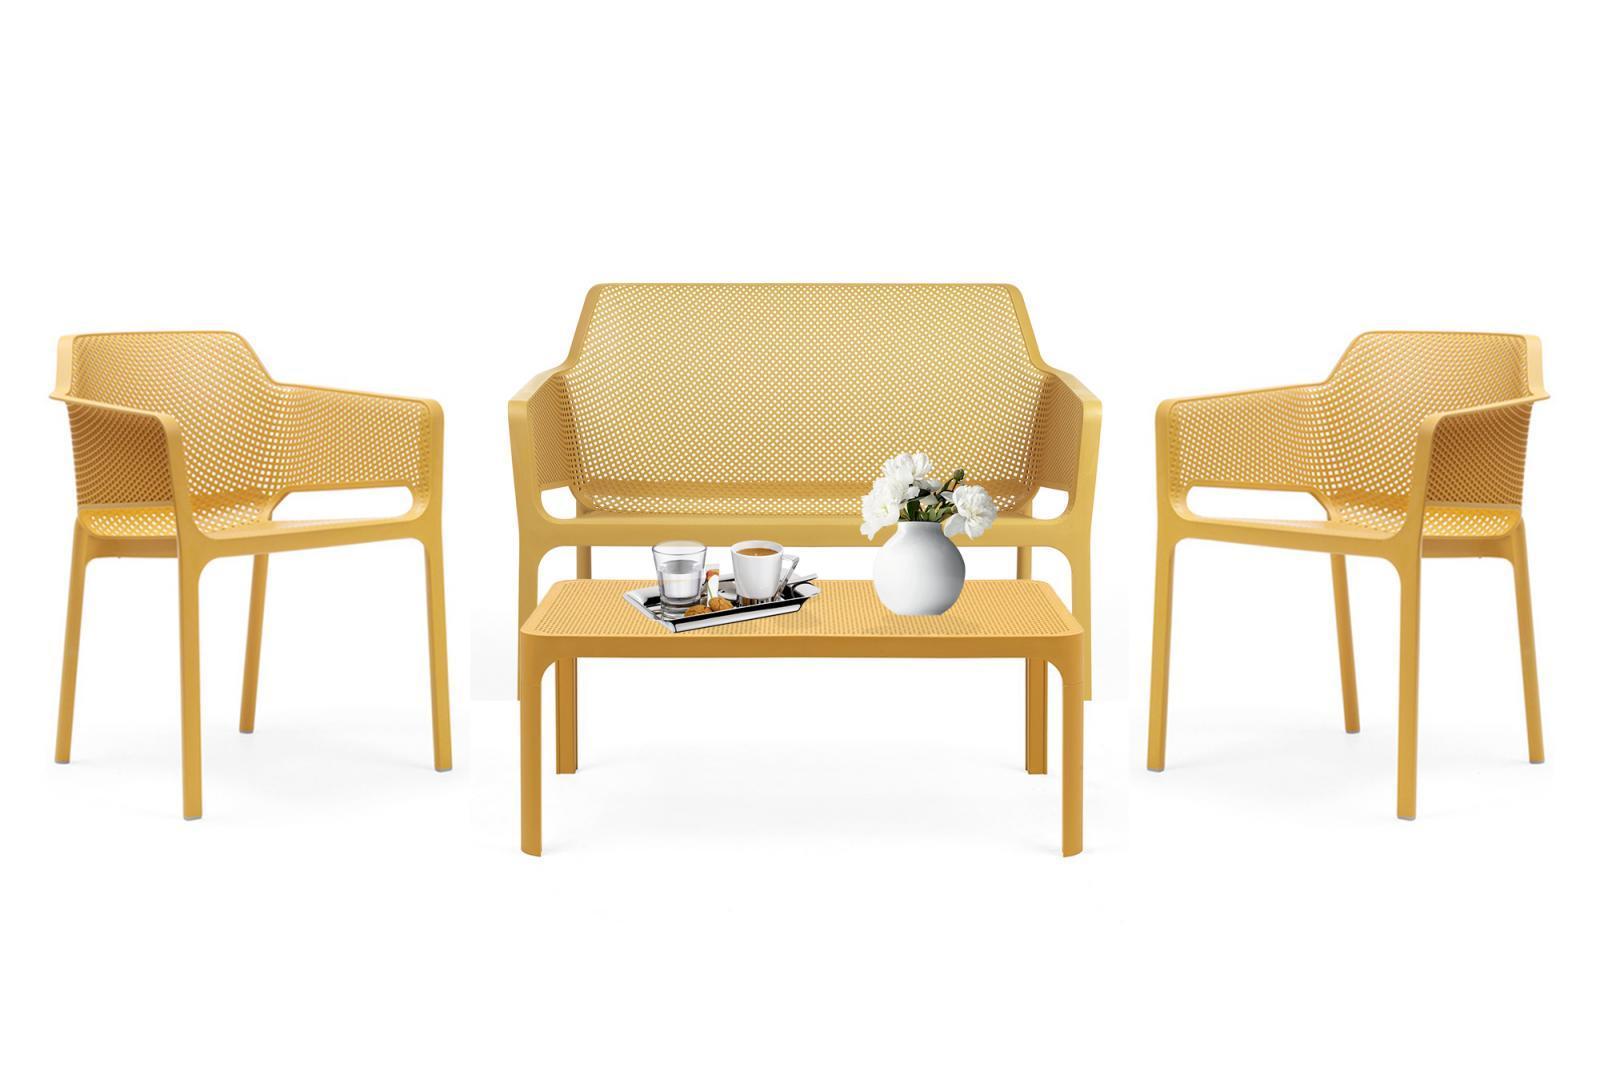 Комплект пластиковой мебели Net